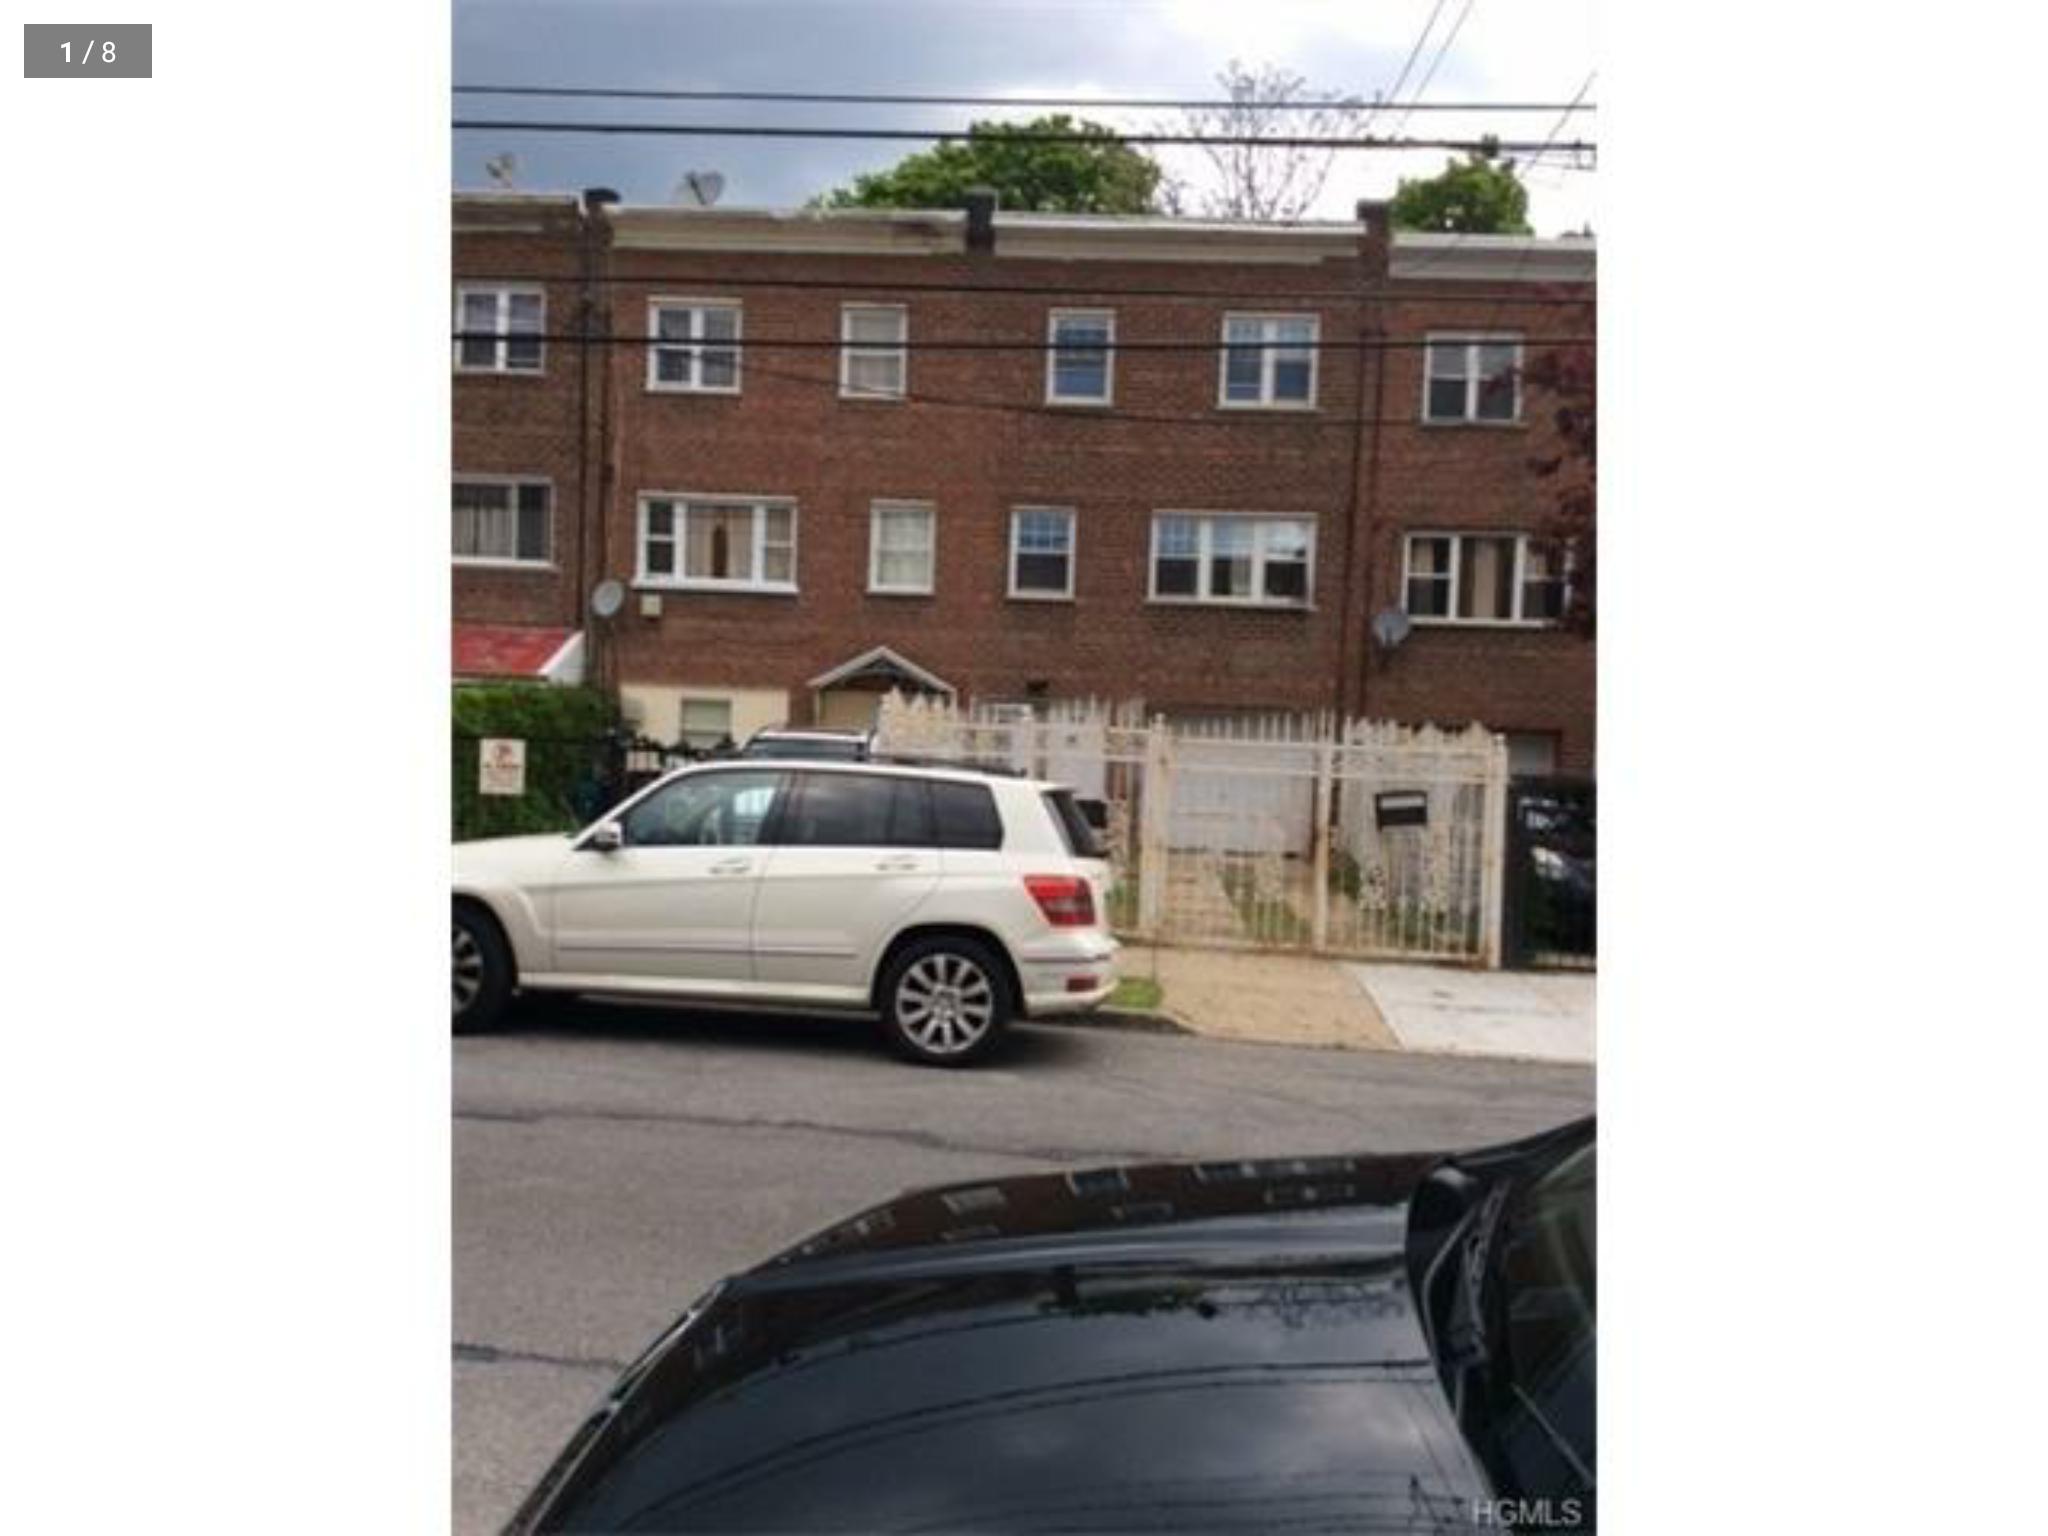 945 East 224th Street  Bronx, NY 10466